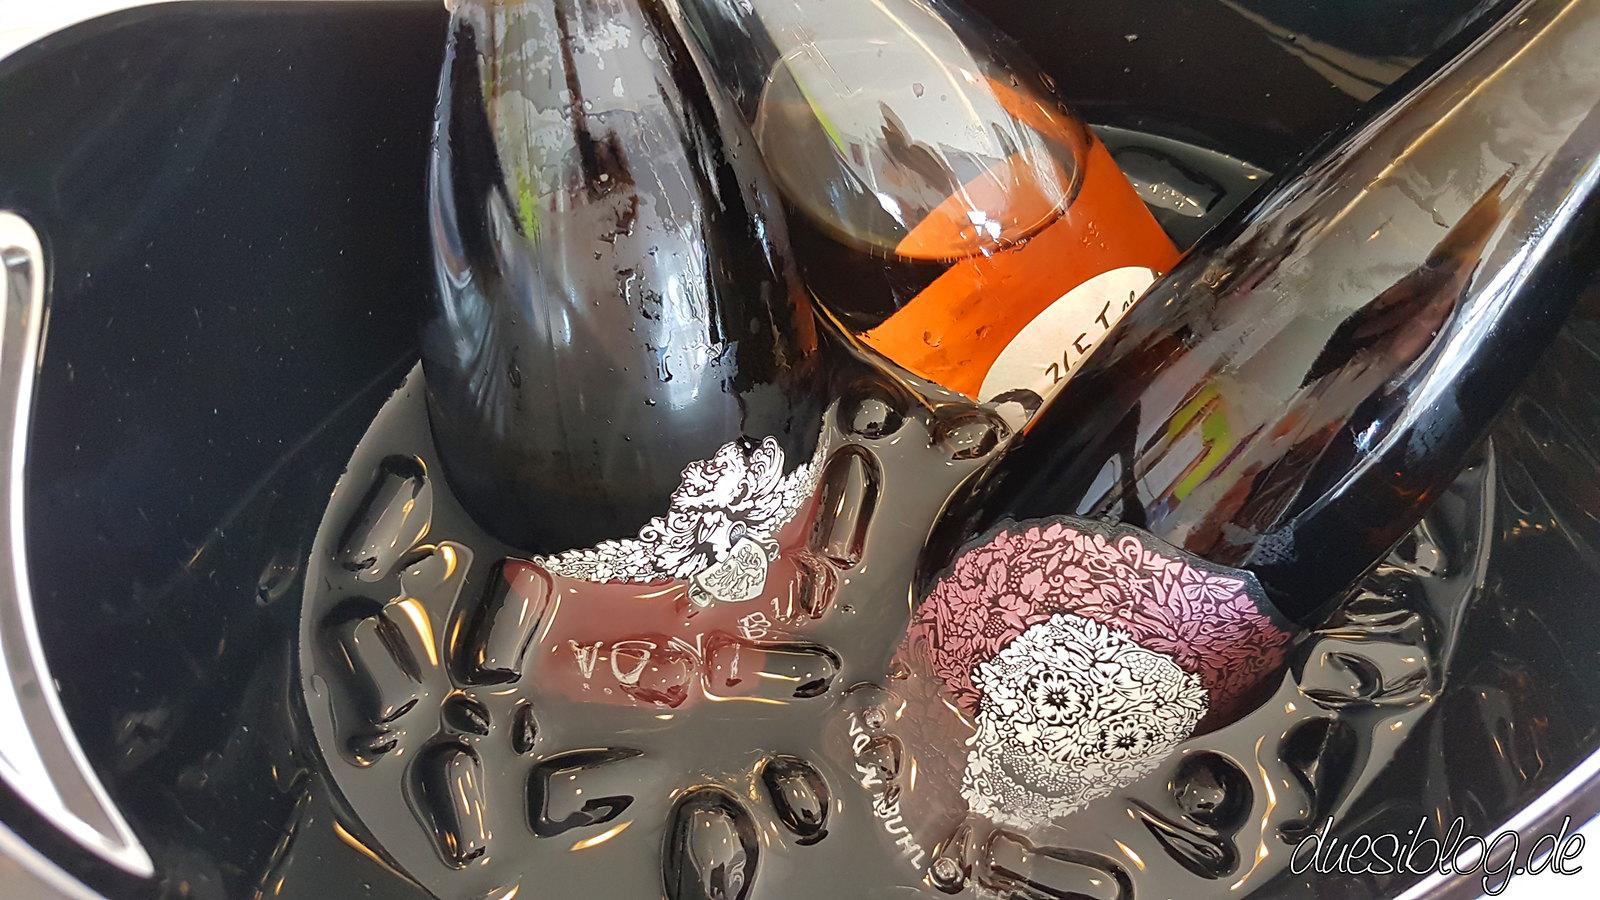 Rosa Leuchten im Glas 2019 wineblog duesiblog 03